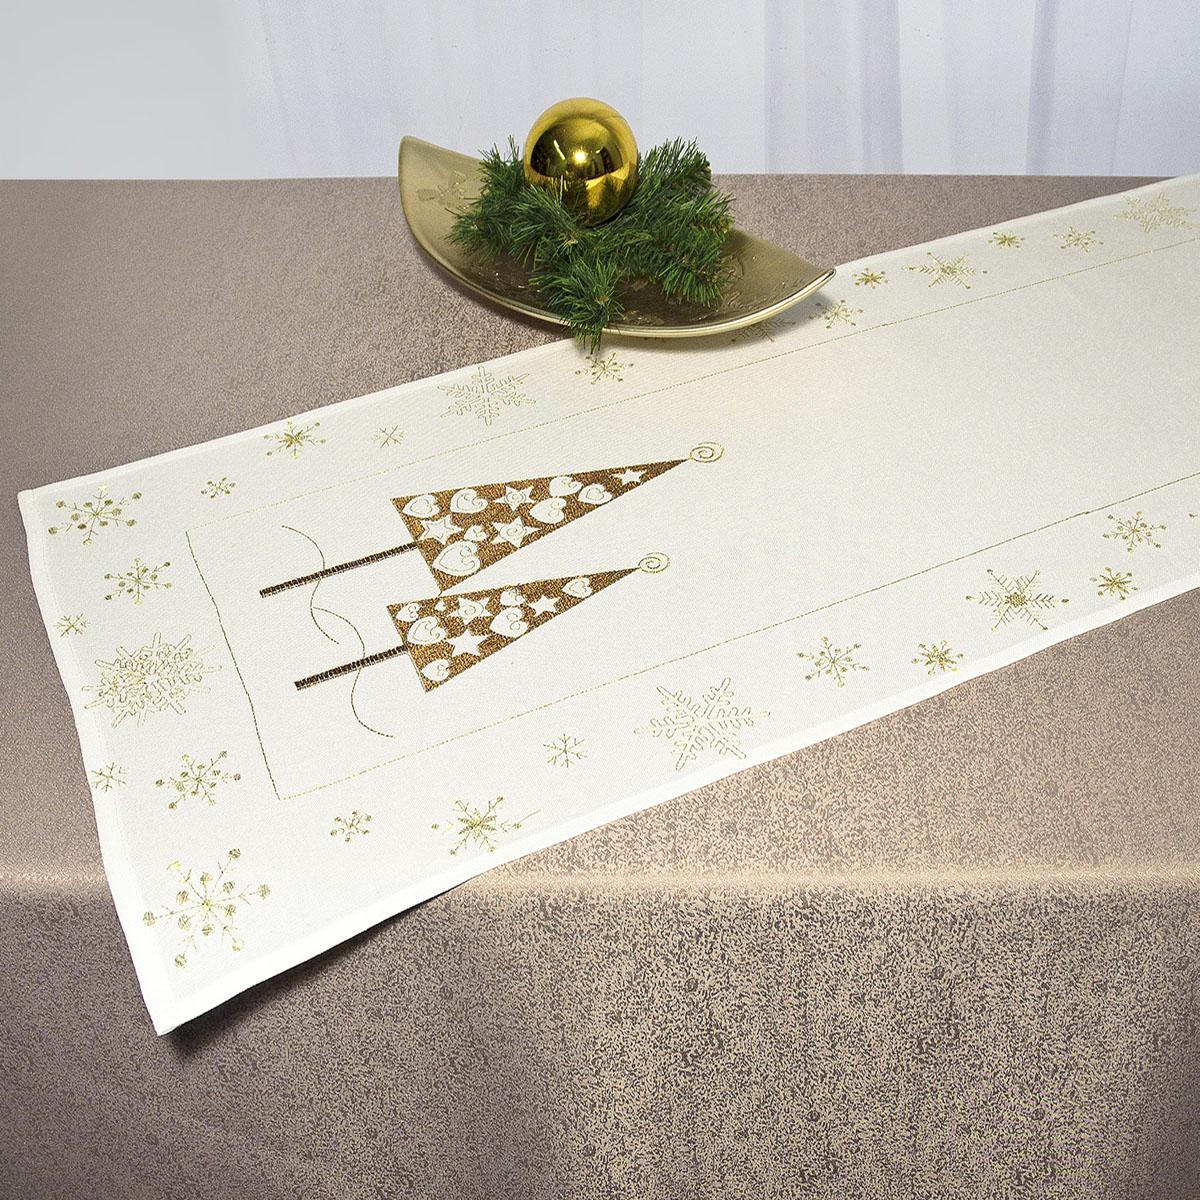 Дорожка для декорирования стола Schaefer, прямоугольная, цвет: белый, золотистый, 40 x 110 см 07486-23307486-233Дорожка Schaefer выполнена из высококачественного полиэстера и украшена вышитыми рисунками в виде новогодних елочек и снежинок. Вы можете использовать дорожку для декорирования стола, комода или журнального столика. Благодаря такой дорожке вы защитите поверхность мебели от воды, пятен и механических воздействий, а также создадите атмосферу уюта и домашнего тепла в интерьере вашей квартиры. Изделия из искусственных волокон легко стирать: они не мнутся, не садятся и быстро сохнут, они более долговечны, чем изделия из натуральных волокон. Изысканный текстиль от немецкой компании Schaefer - это красота, стиль и уют в вашем доме. Дорожка органично впишется в интерьер любого помещения, а оригинальный дизайн удовлетворит даже самый изысканный вкус. Дарите себе и близким красоту каждый день!